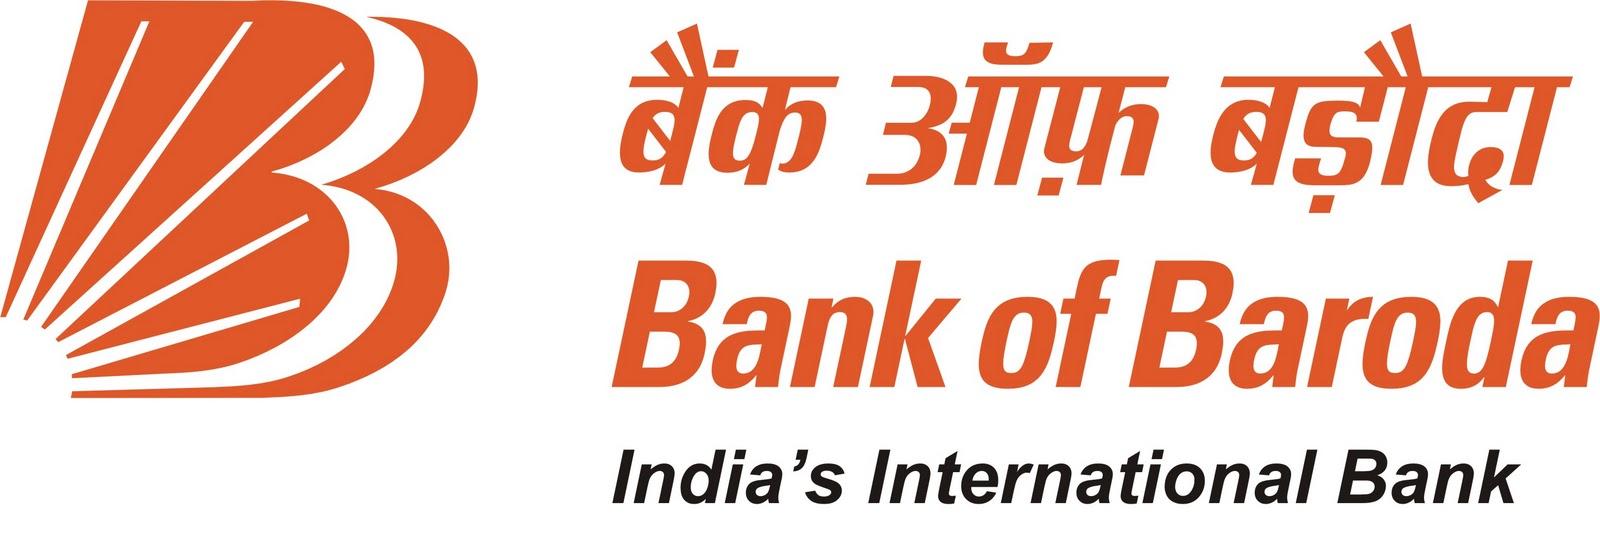 bank of baroda swift code indore